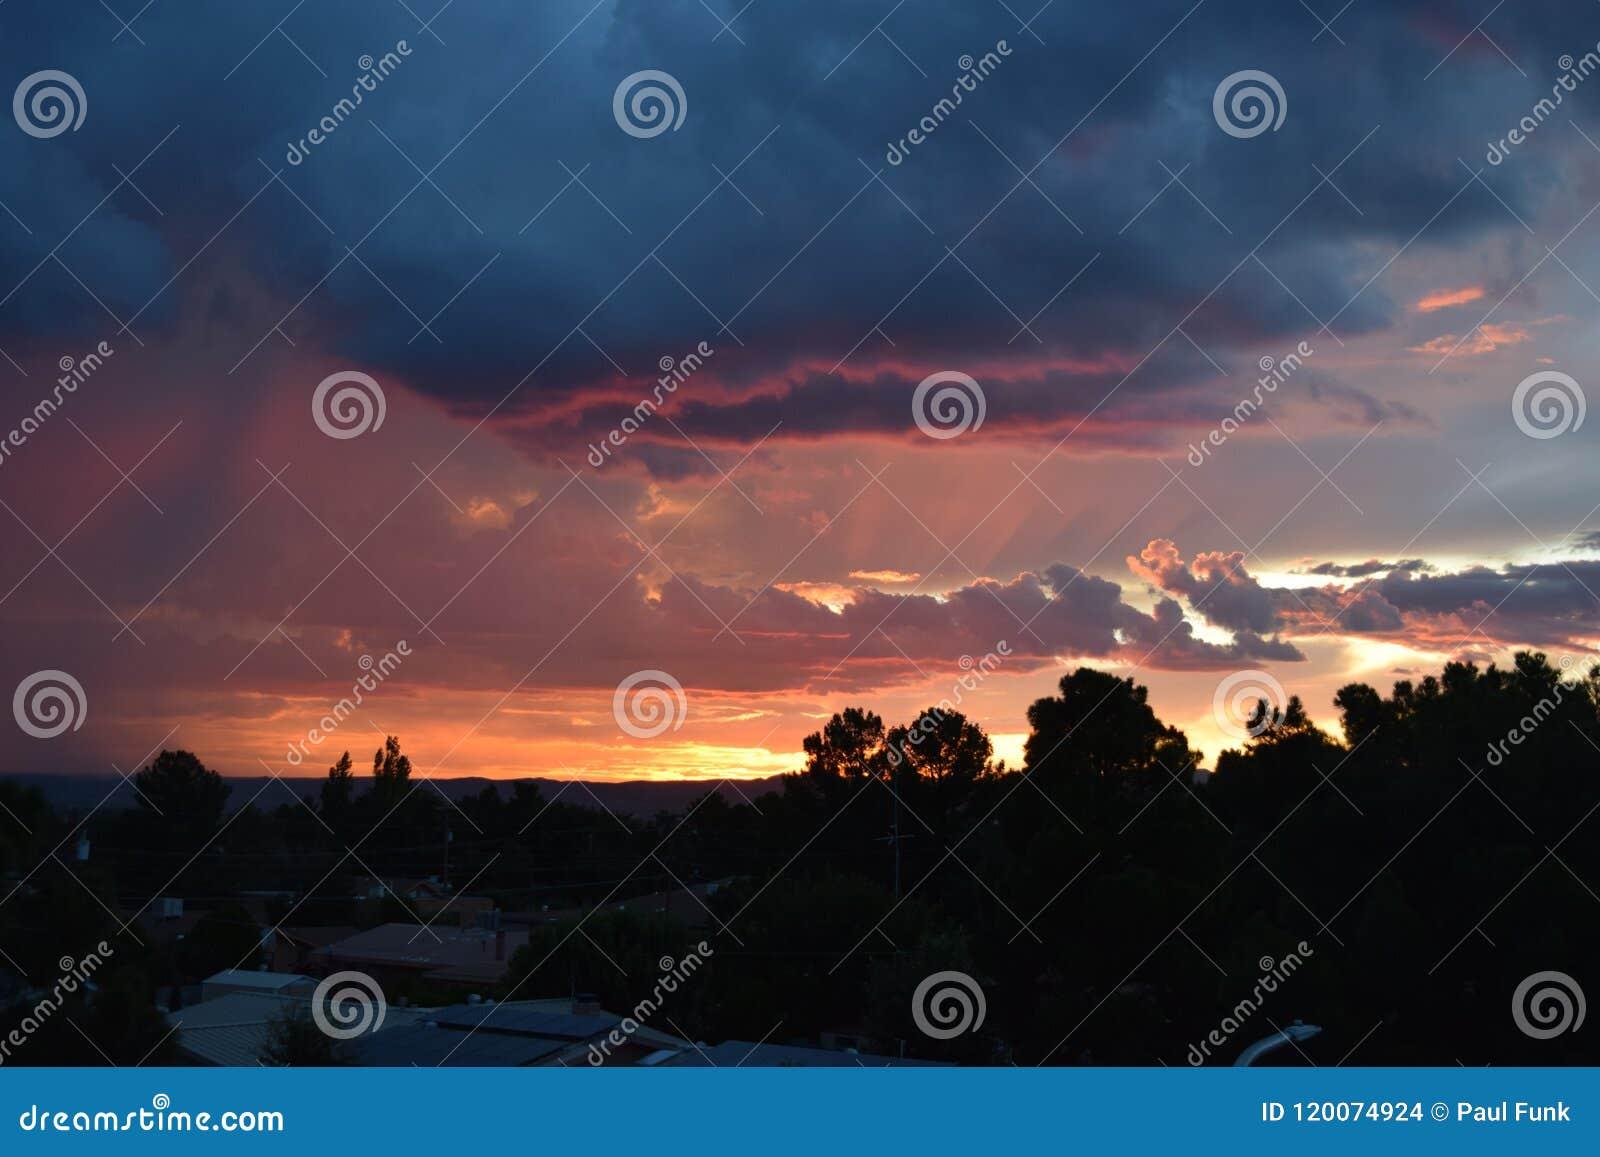 Desert sunset New Mexico